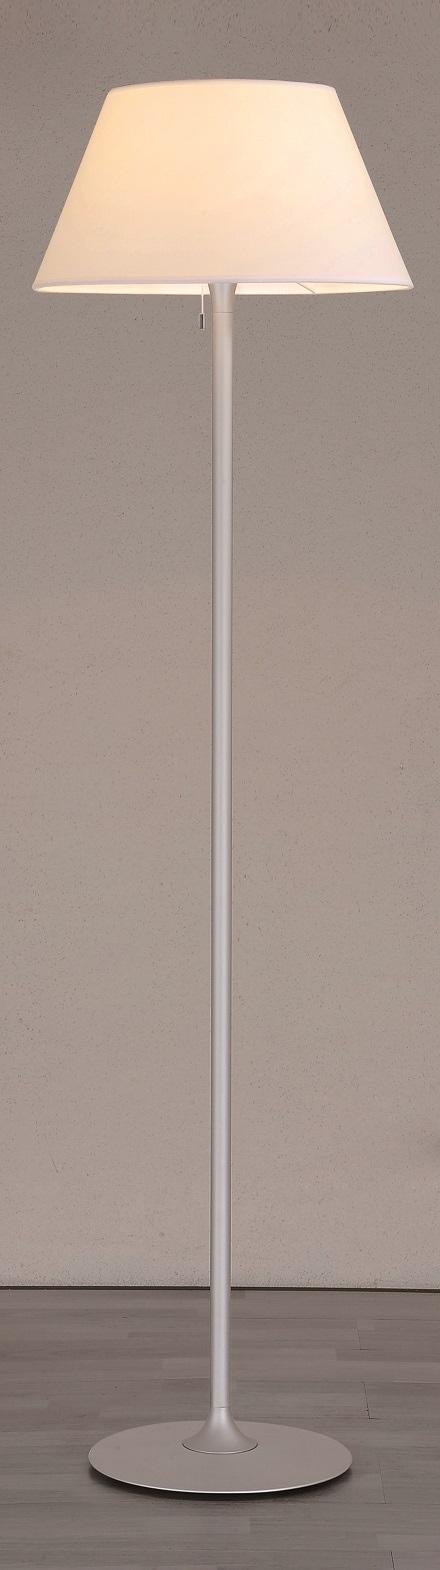 Lampenlux Stehlampe Leigal Stehleuchte Stoff Nickel Weiß Grau 165cm Ø 45 cm mit Zugschalter E27 40W